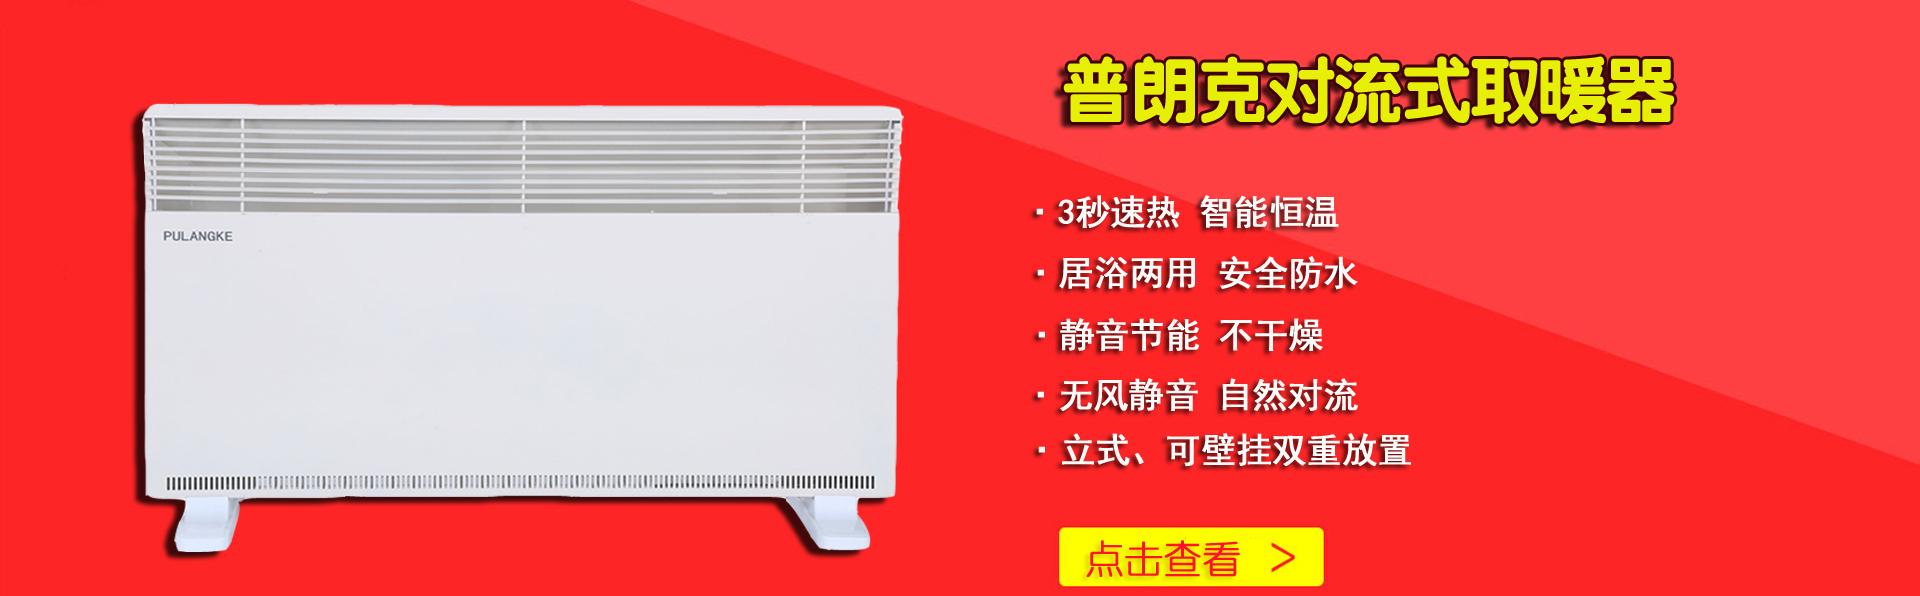 舒适不干燥:对流散热、升温迅速、不改变室内湿度,温度均匀。 静音运行:零噪音,无污染。使用安全:内置过热保护装置,过热时及时切断电源,确保安全使用。节能环保:热效率近100%。分室控温:区域供暖。 质量保证:产品过通CCC认证。 快速升温:无需预热,即时升温。零维护:不怕冻、无需维护。